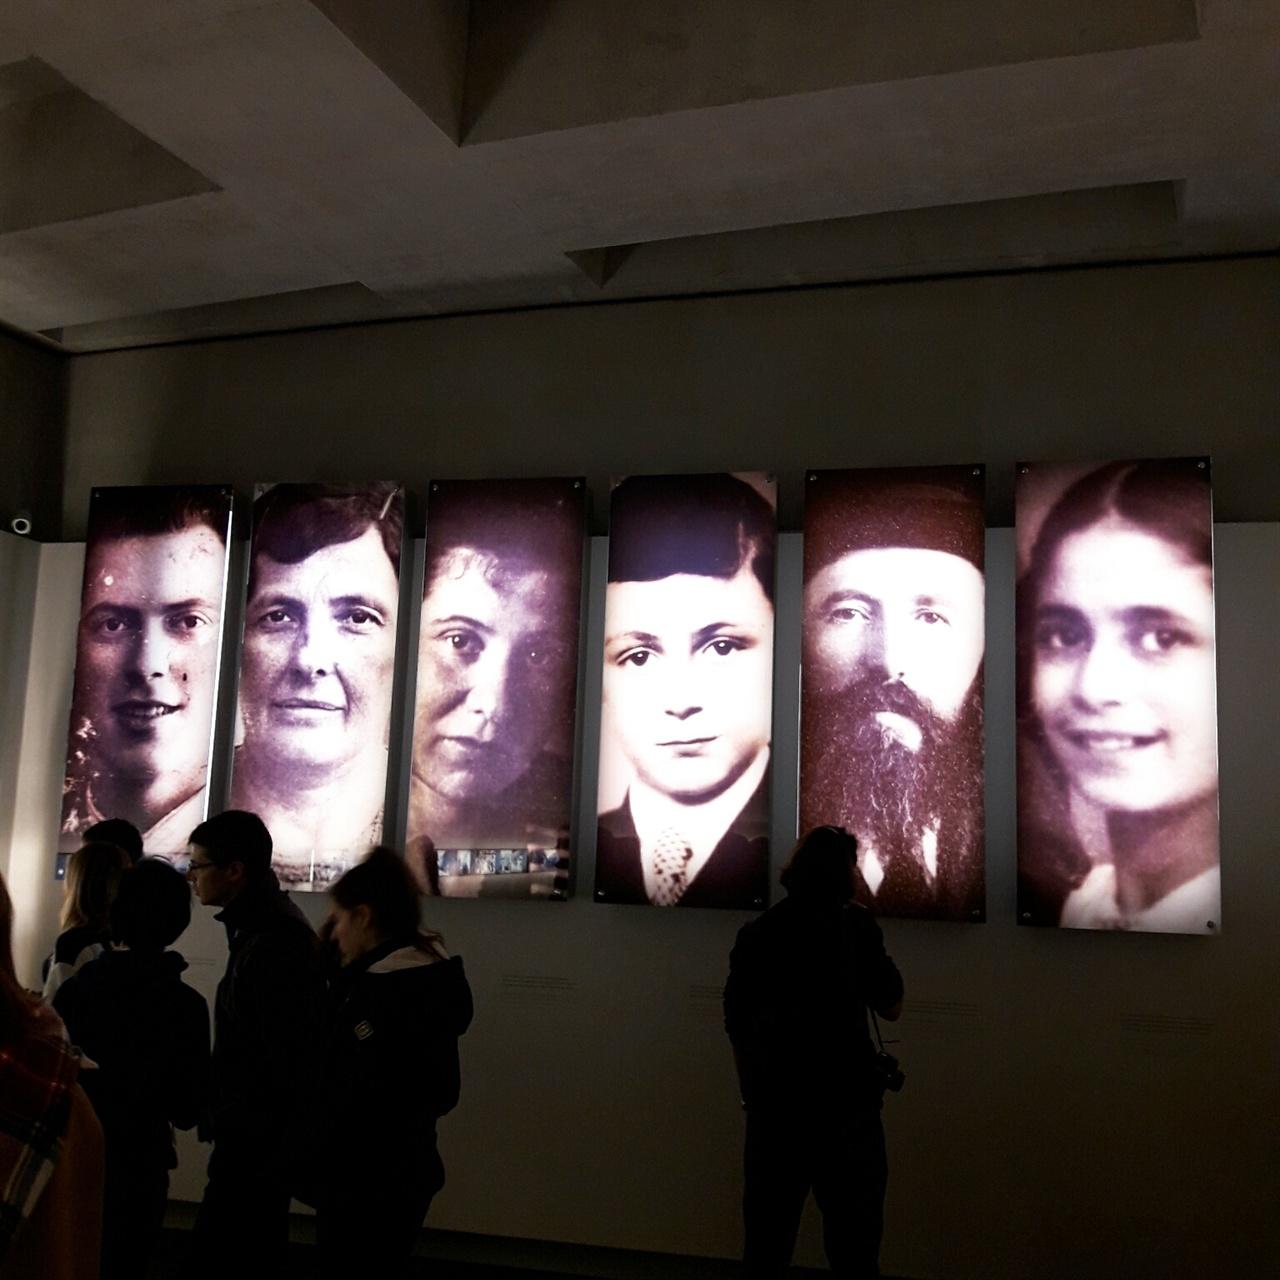 나이, 성별, 국적이 서로 다른 여섯 희생자의 모습은, 600만 홀로코스트 희생자를 대표한다. 홀로코스트 메모리얼 박물관 내부 모습.